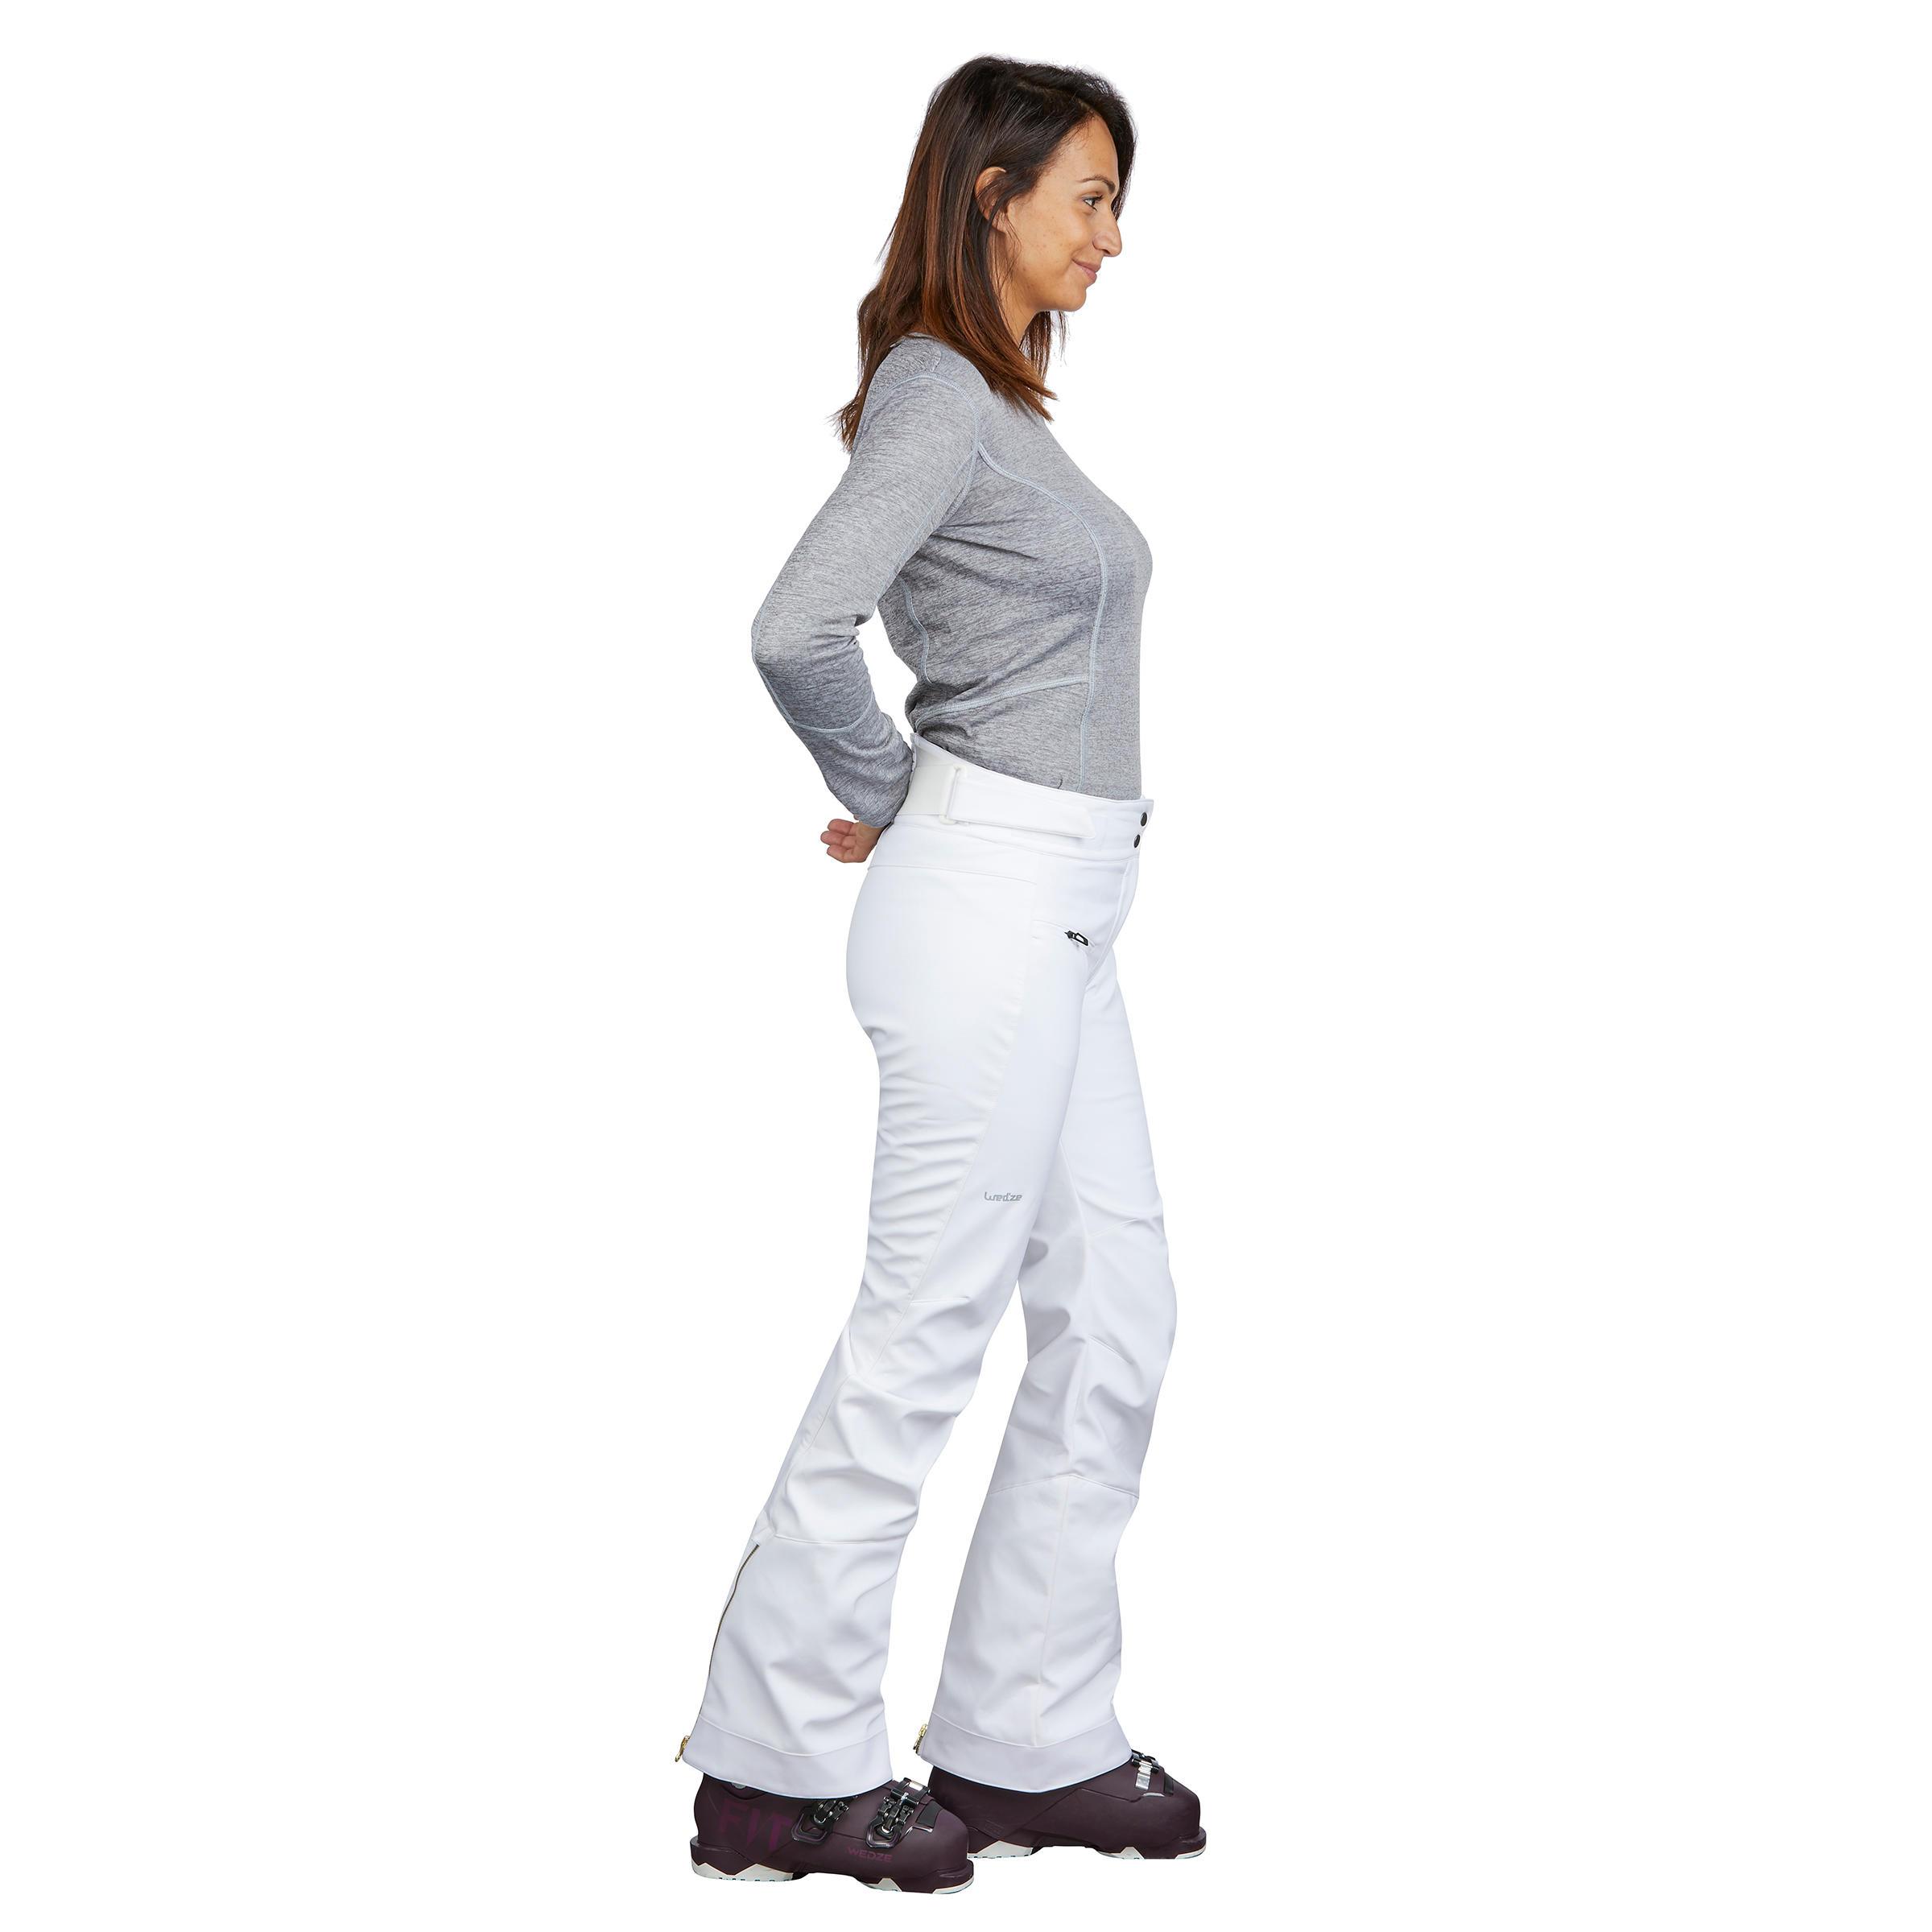 Ski-P PA 580 Slim Women's Trail Ski Pants - White